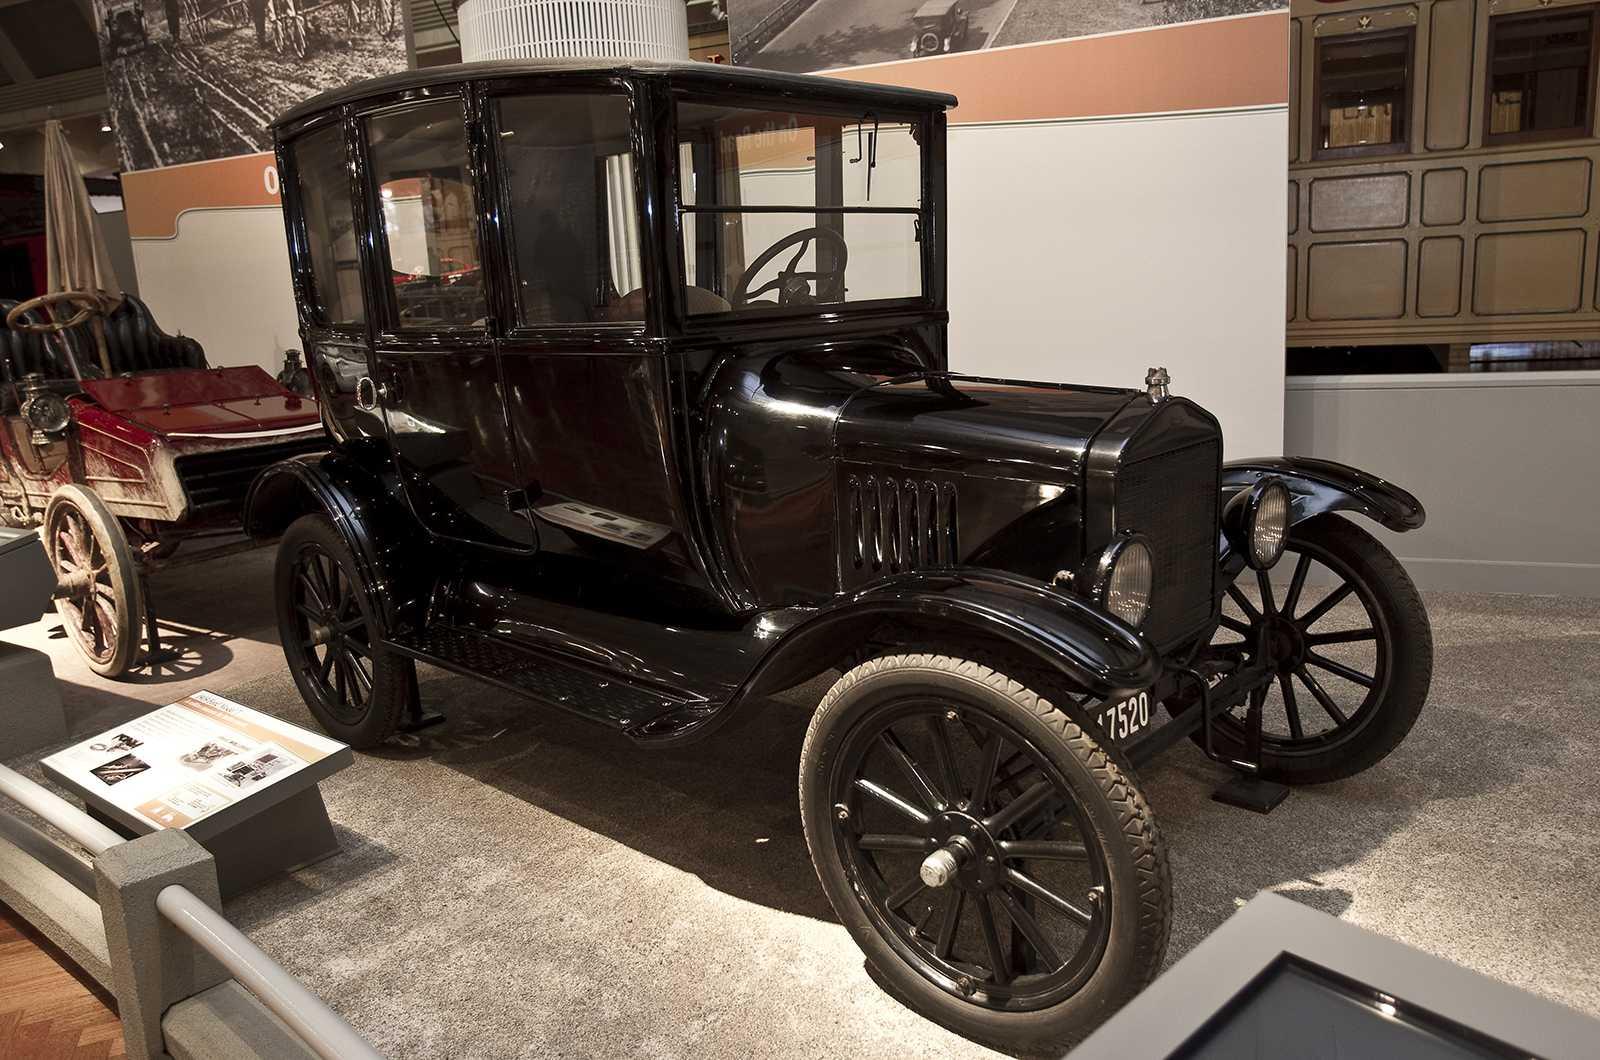 Автомобиль разрабатывался несколько лет интересно что в работе принимали активное участие японские инженеры